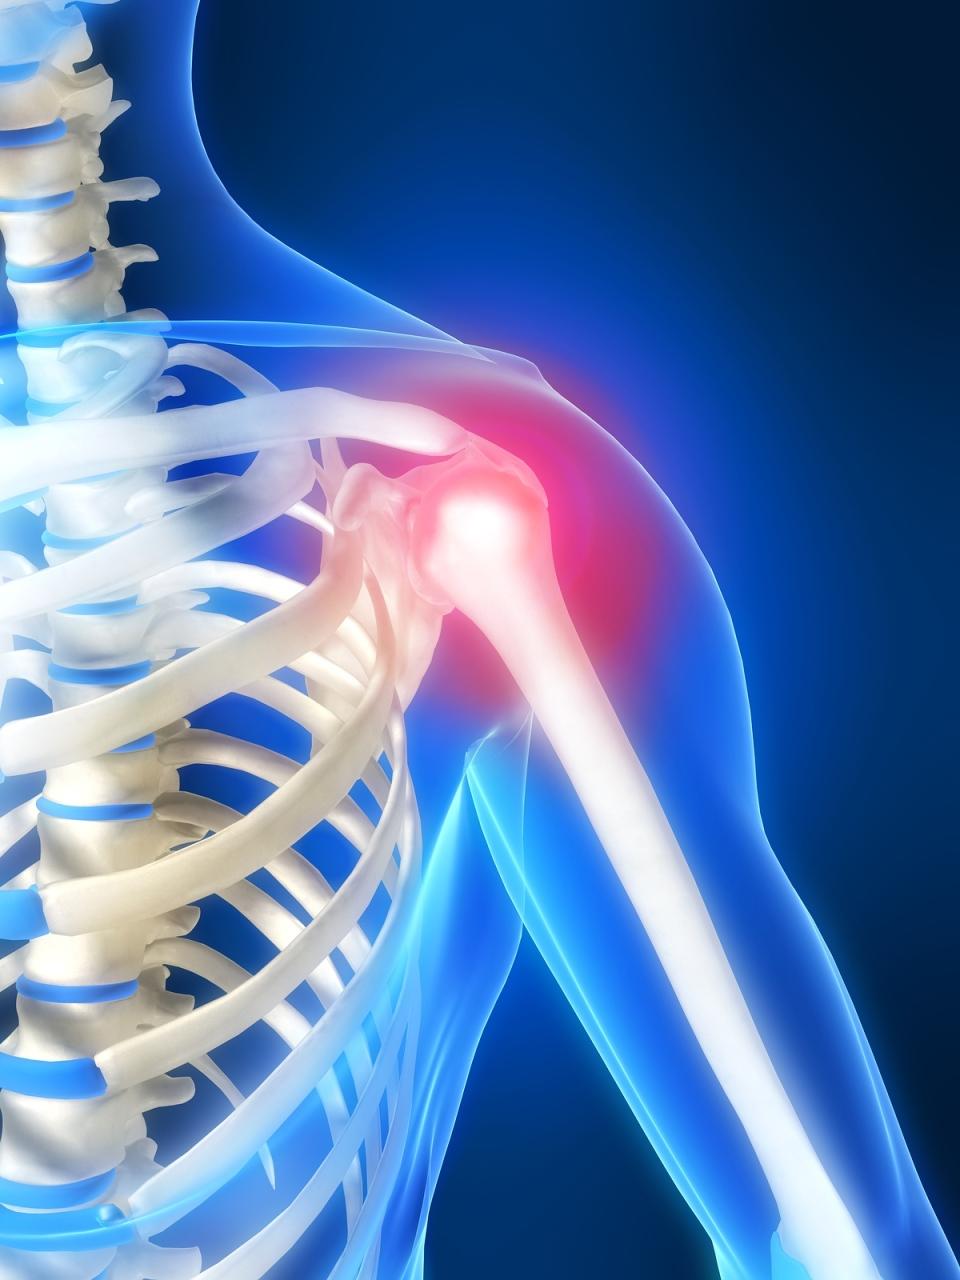 artrozė peties išlaikyti lotynų dėl mizinza guzas sąnario skauda